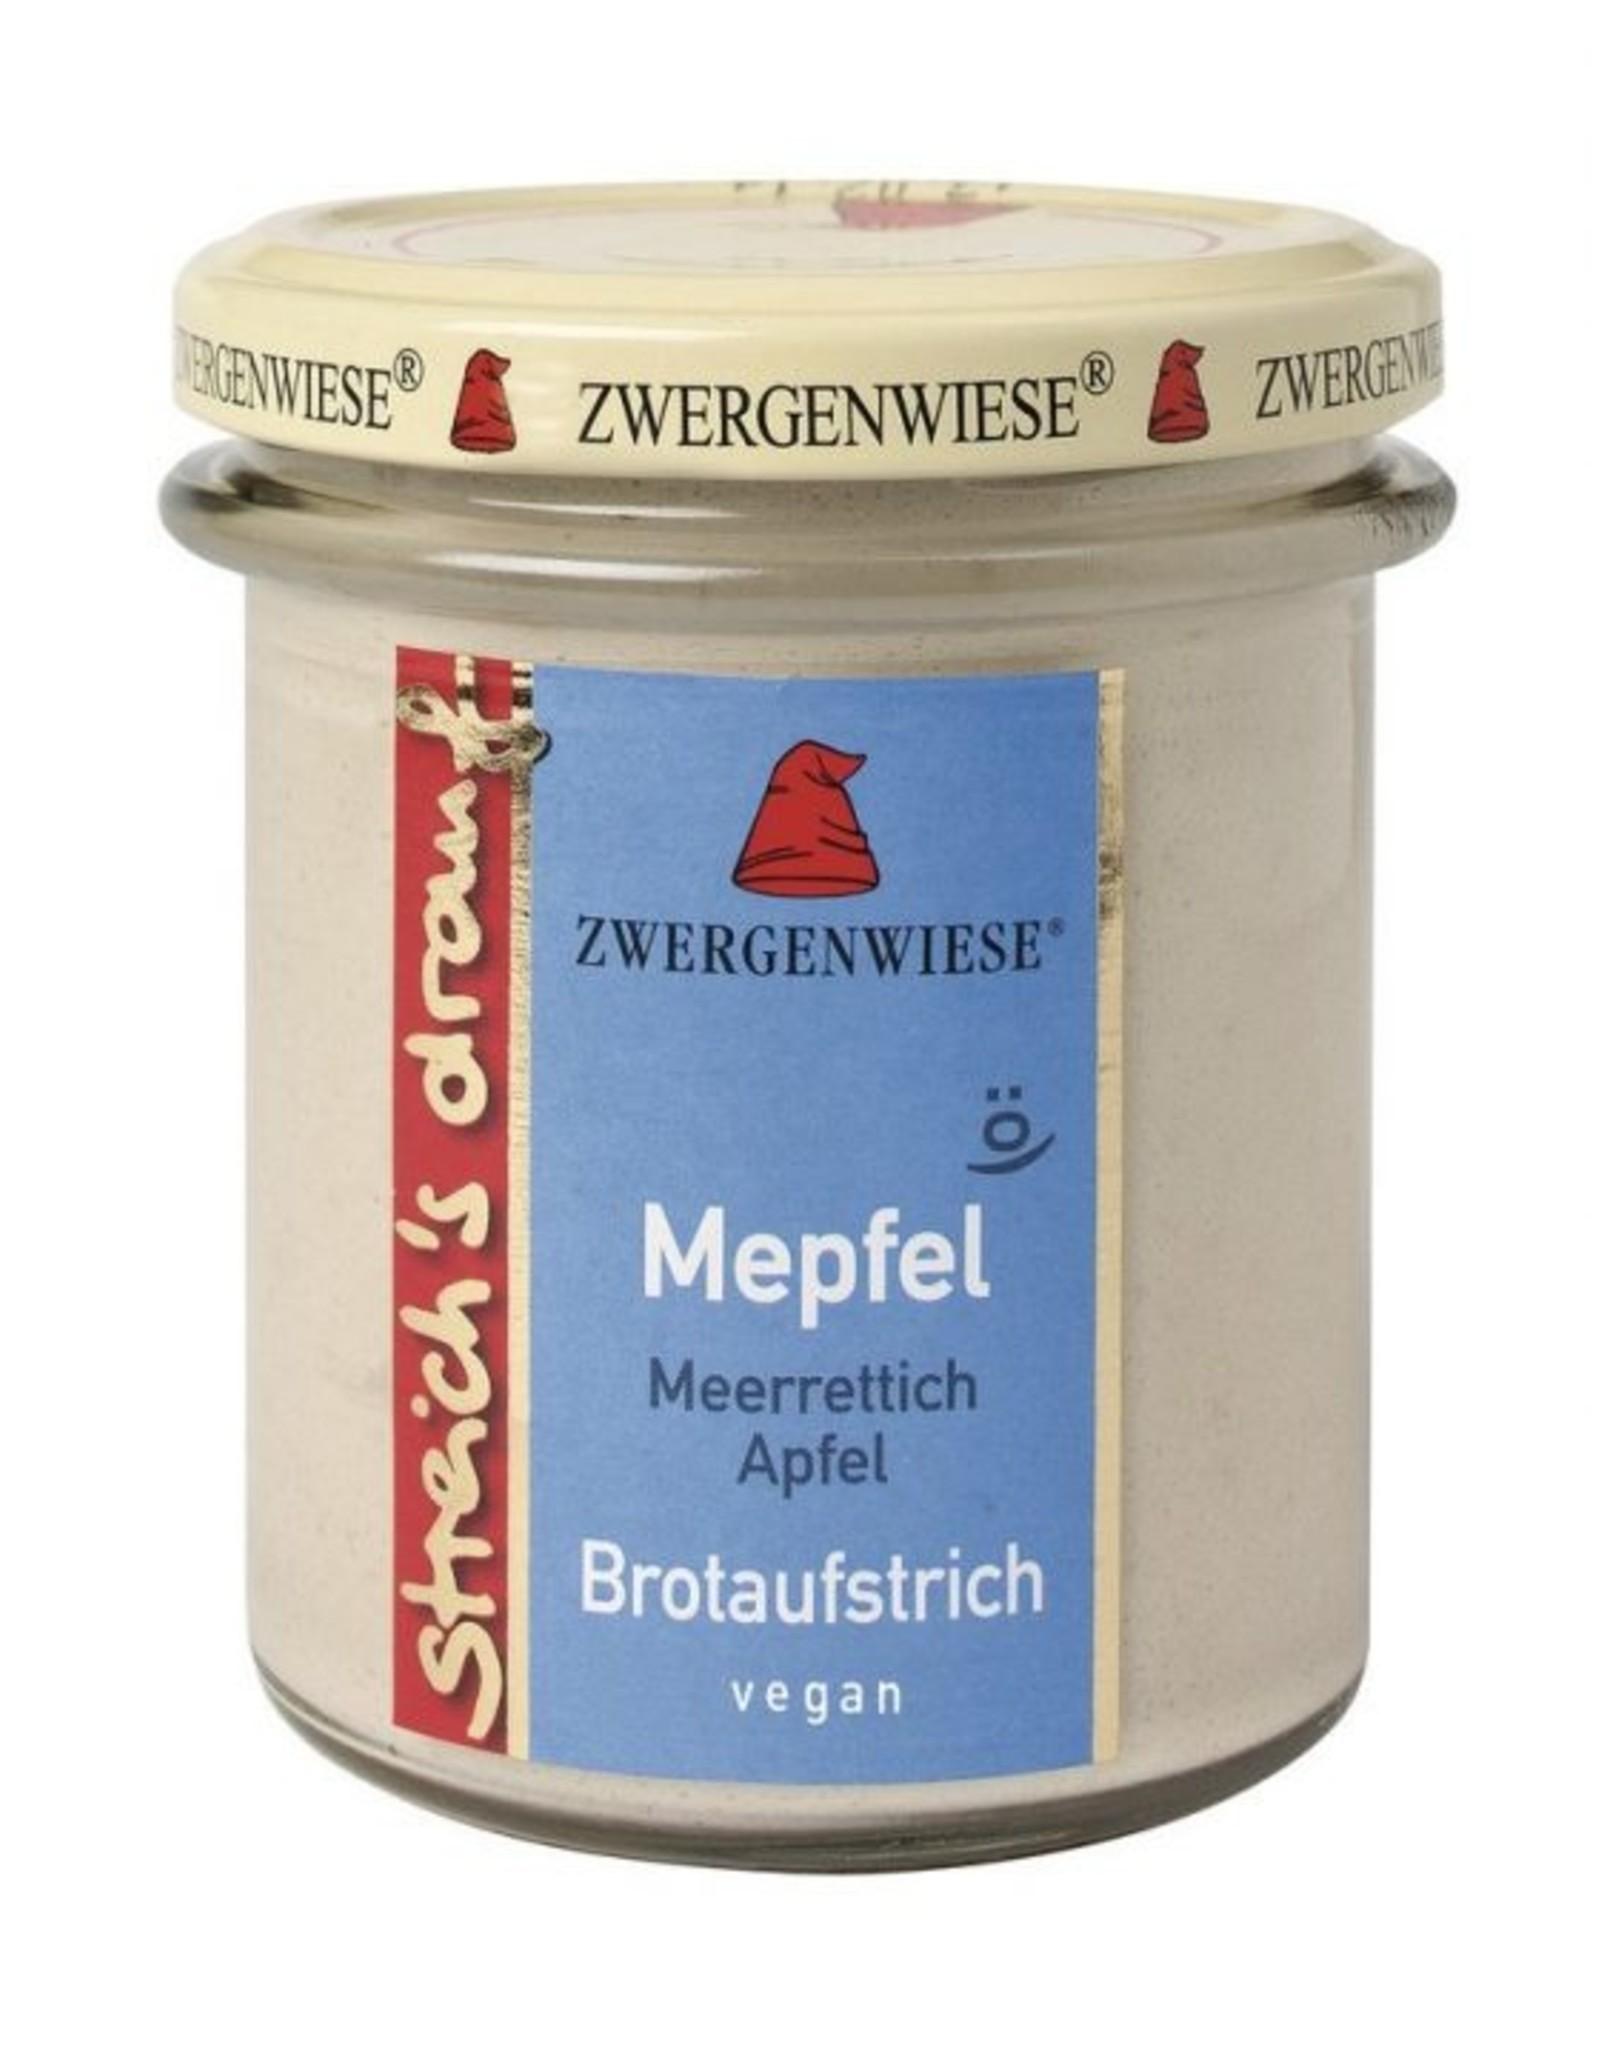 ZWERGENWIESE para untar Mepfel, 160g